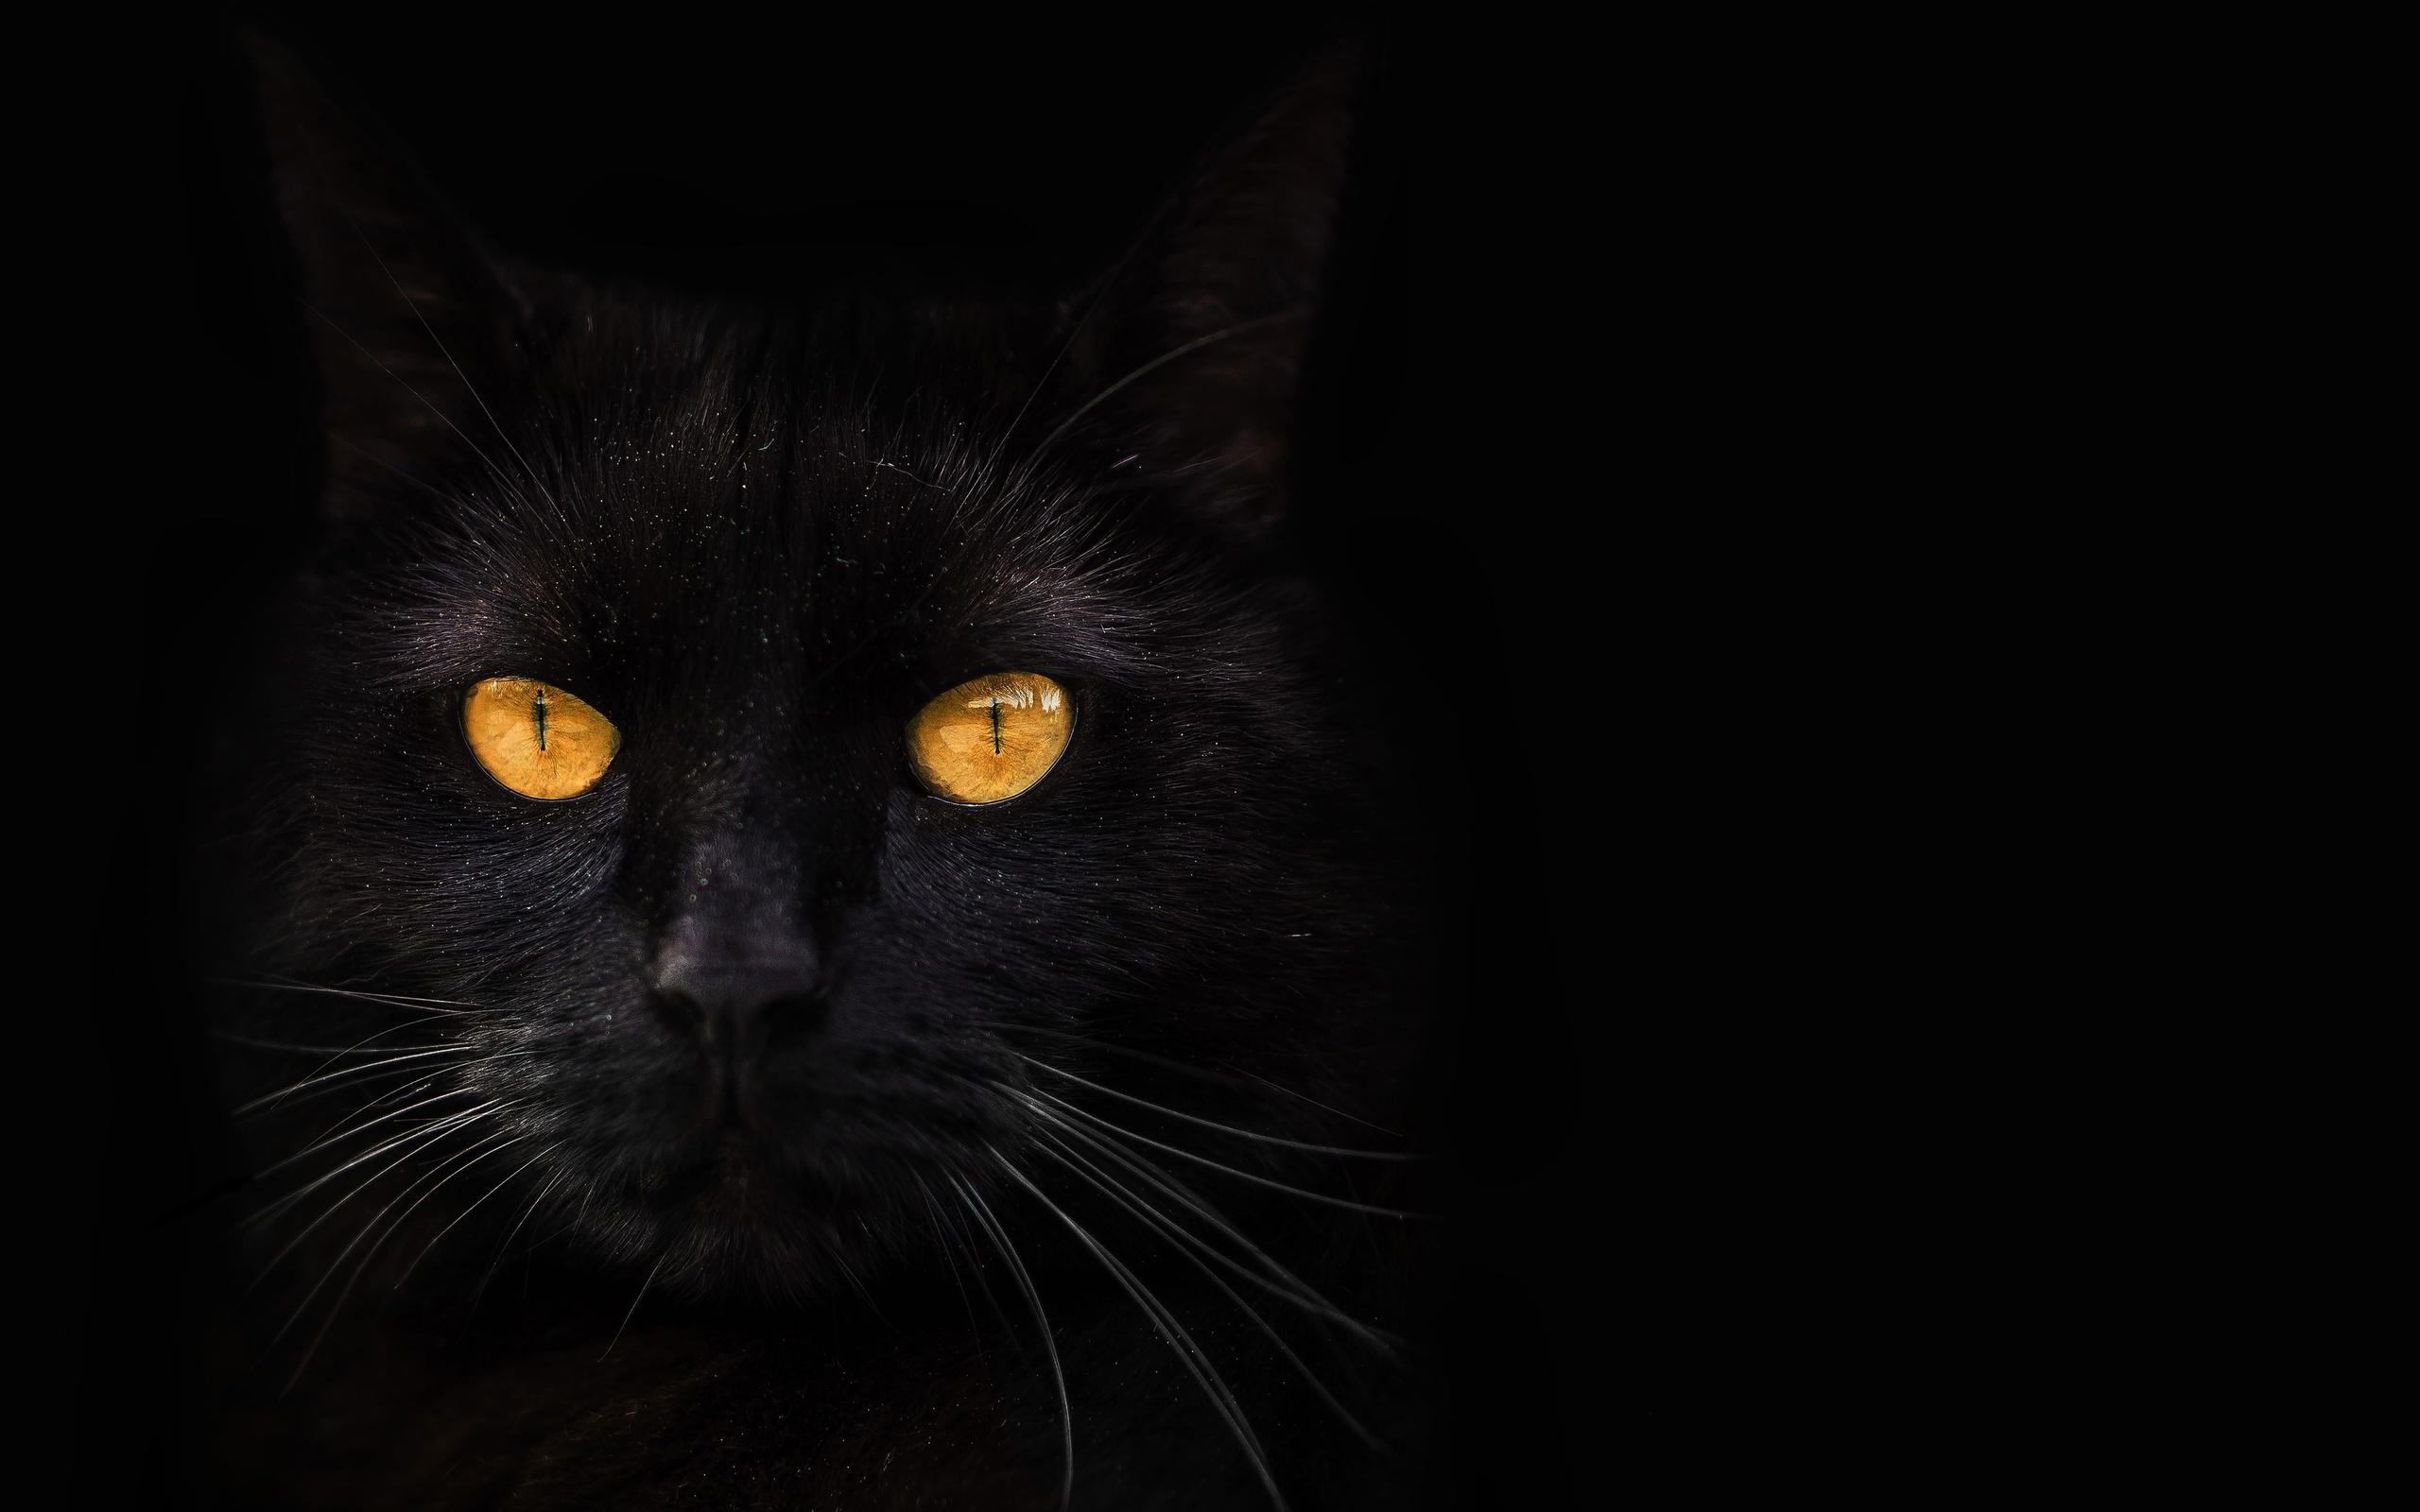 кот во тьме картинки только самая высокая